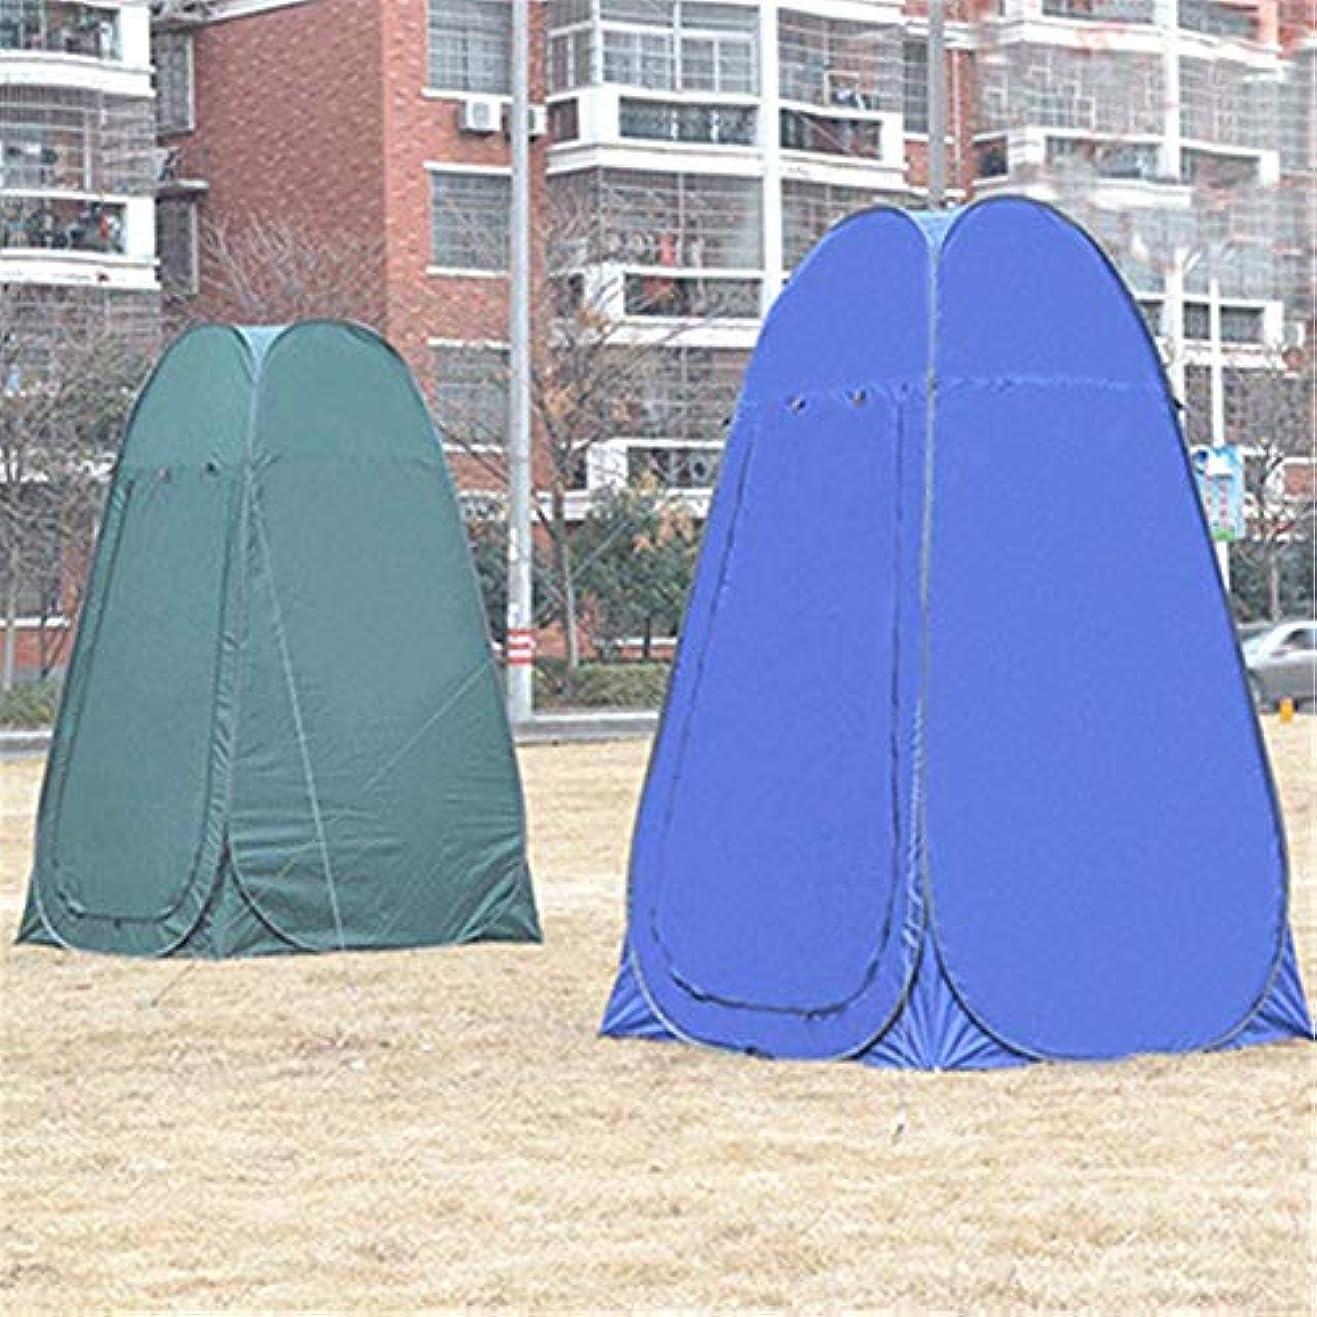 溶けた応じるアカデミックMercuryGo テント キャンプテント 防水 アウトドア 軽量 テント 花見 運動会 海 登山用 窓付き入浴用シャワーテント 移動式トイレテント 専用収納袋付き